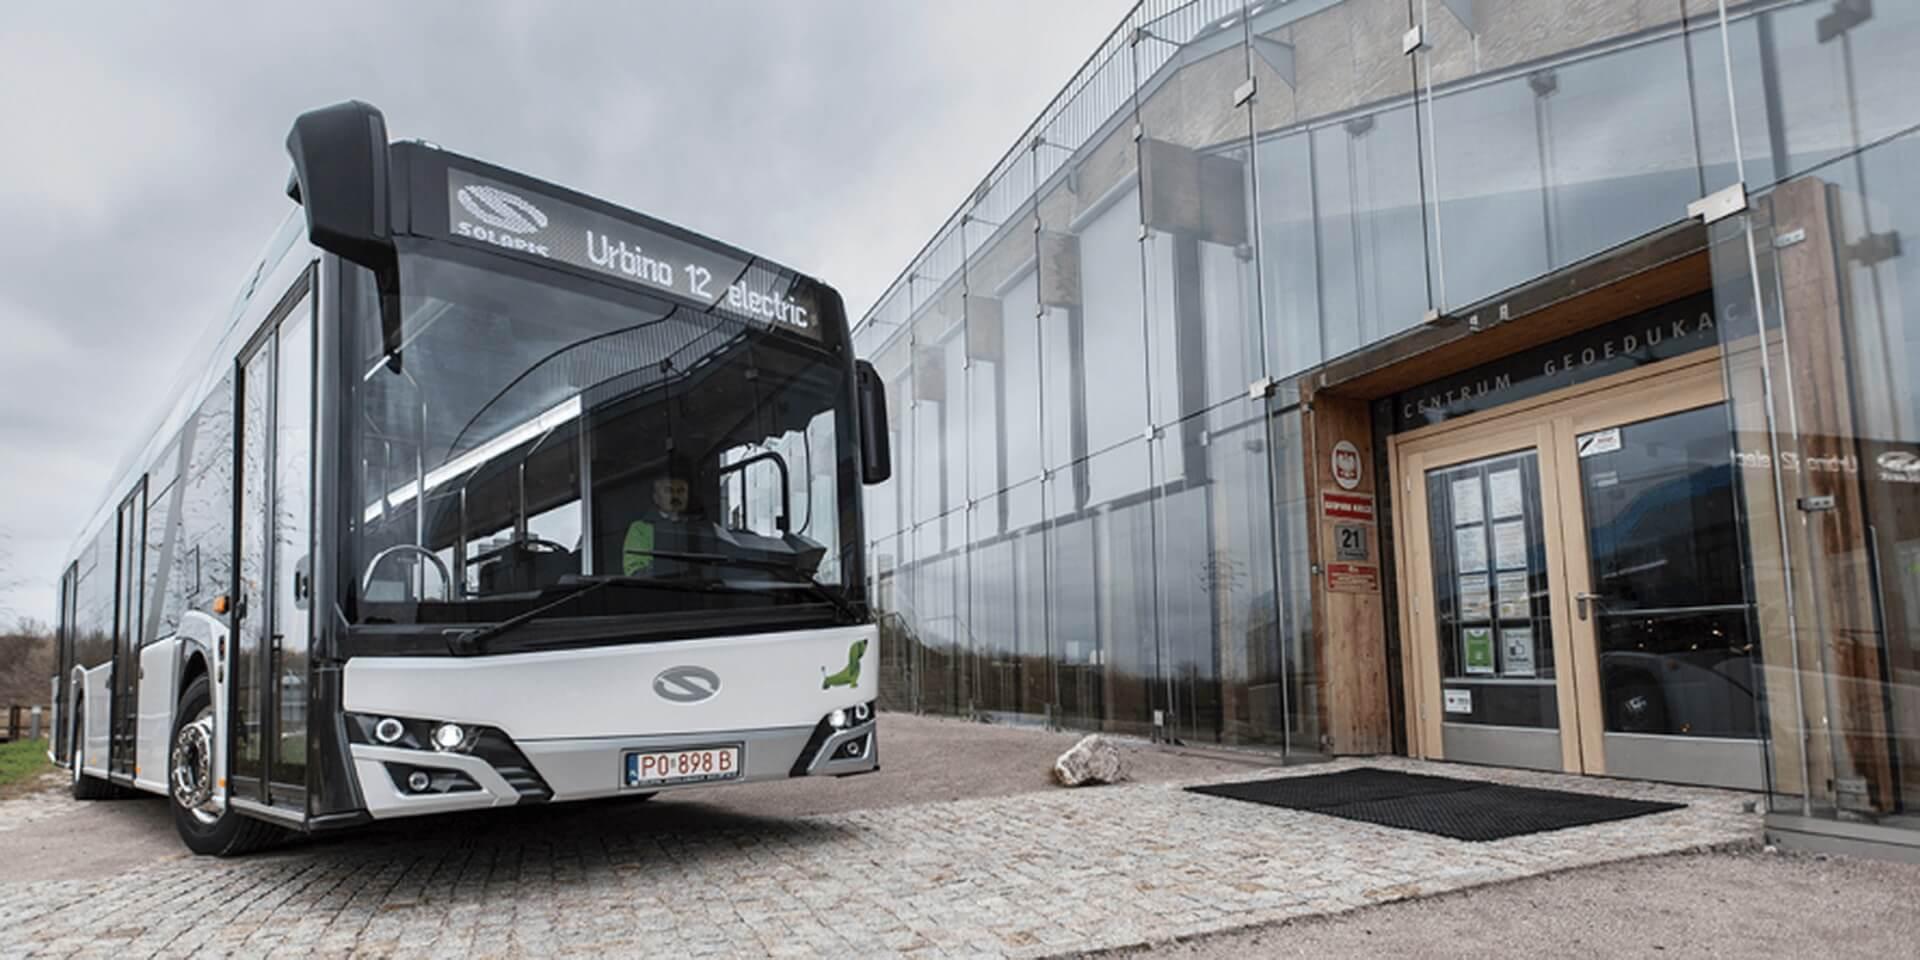 Обновленный электрический автобус Solaris Urbino 12 Electric